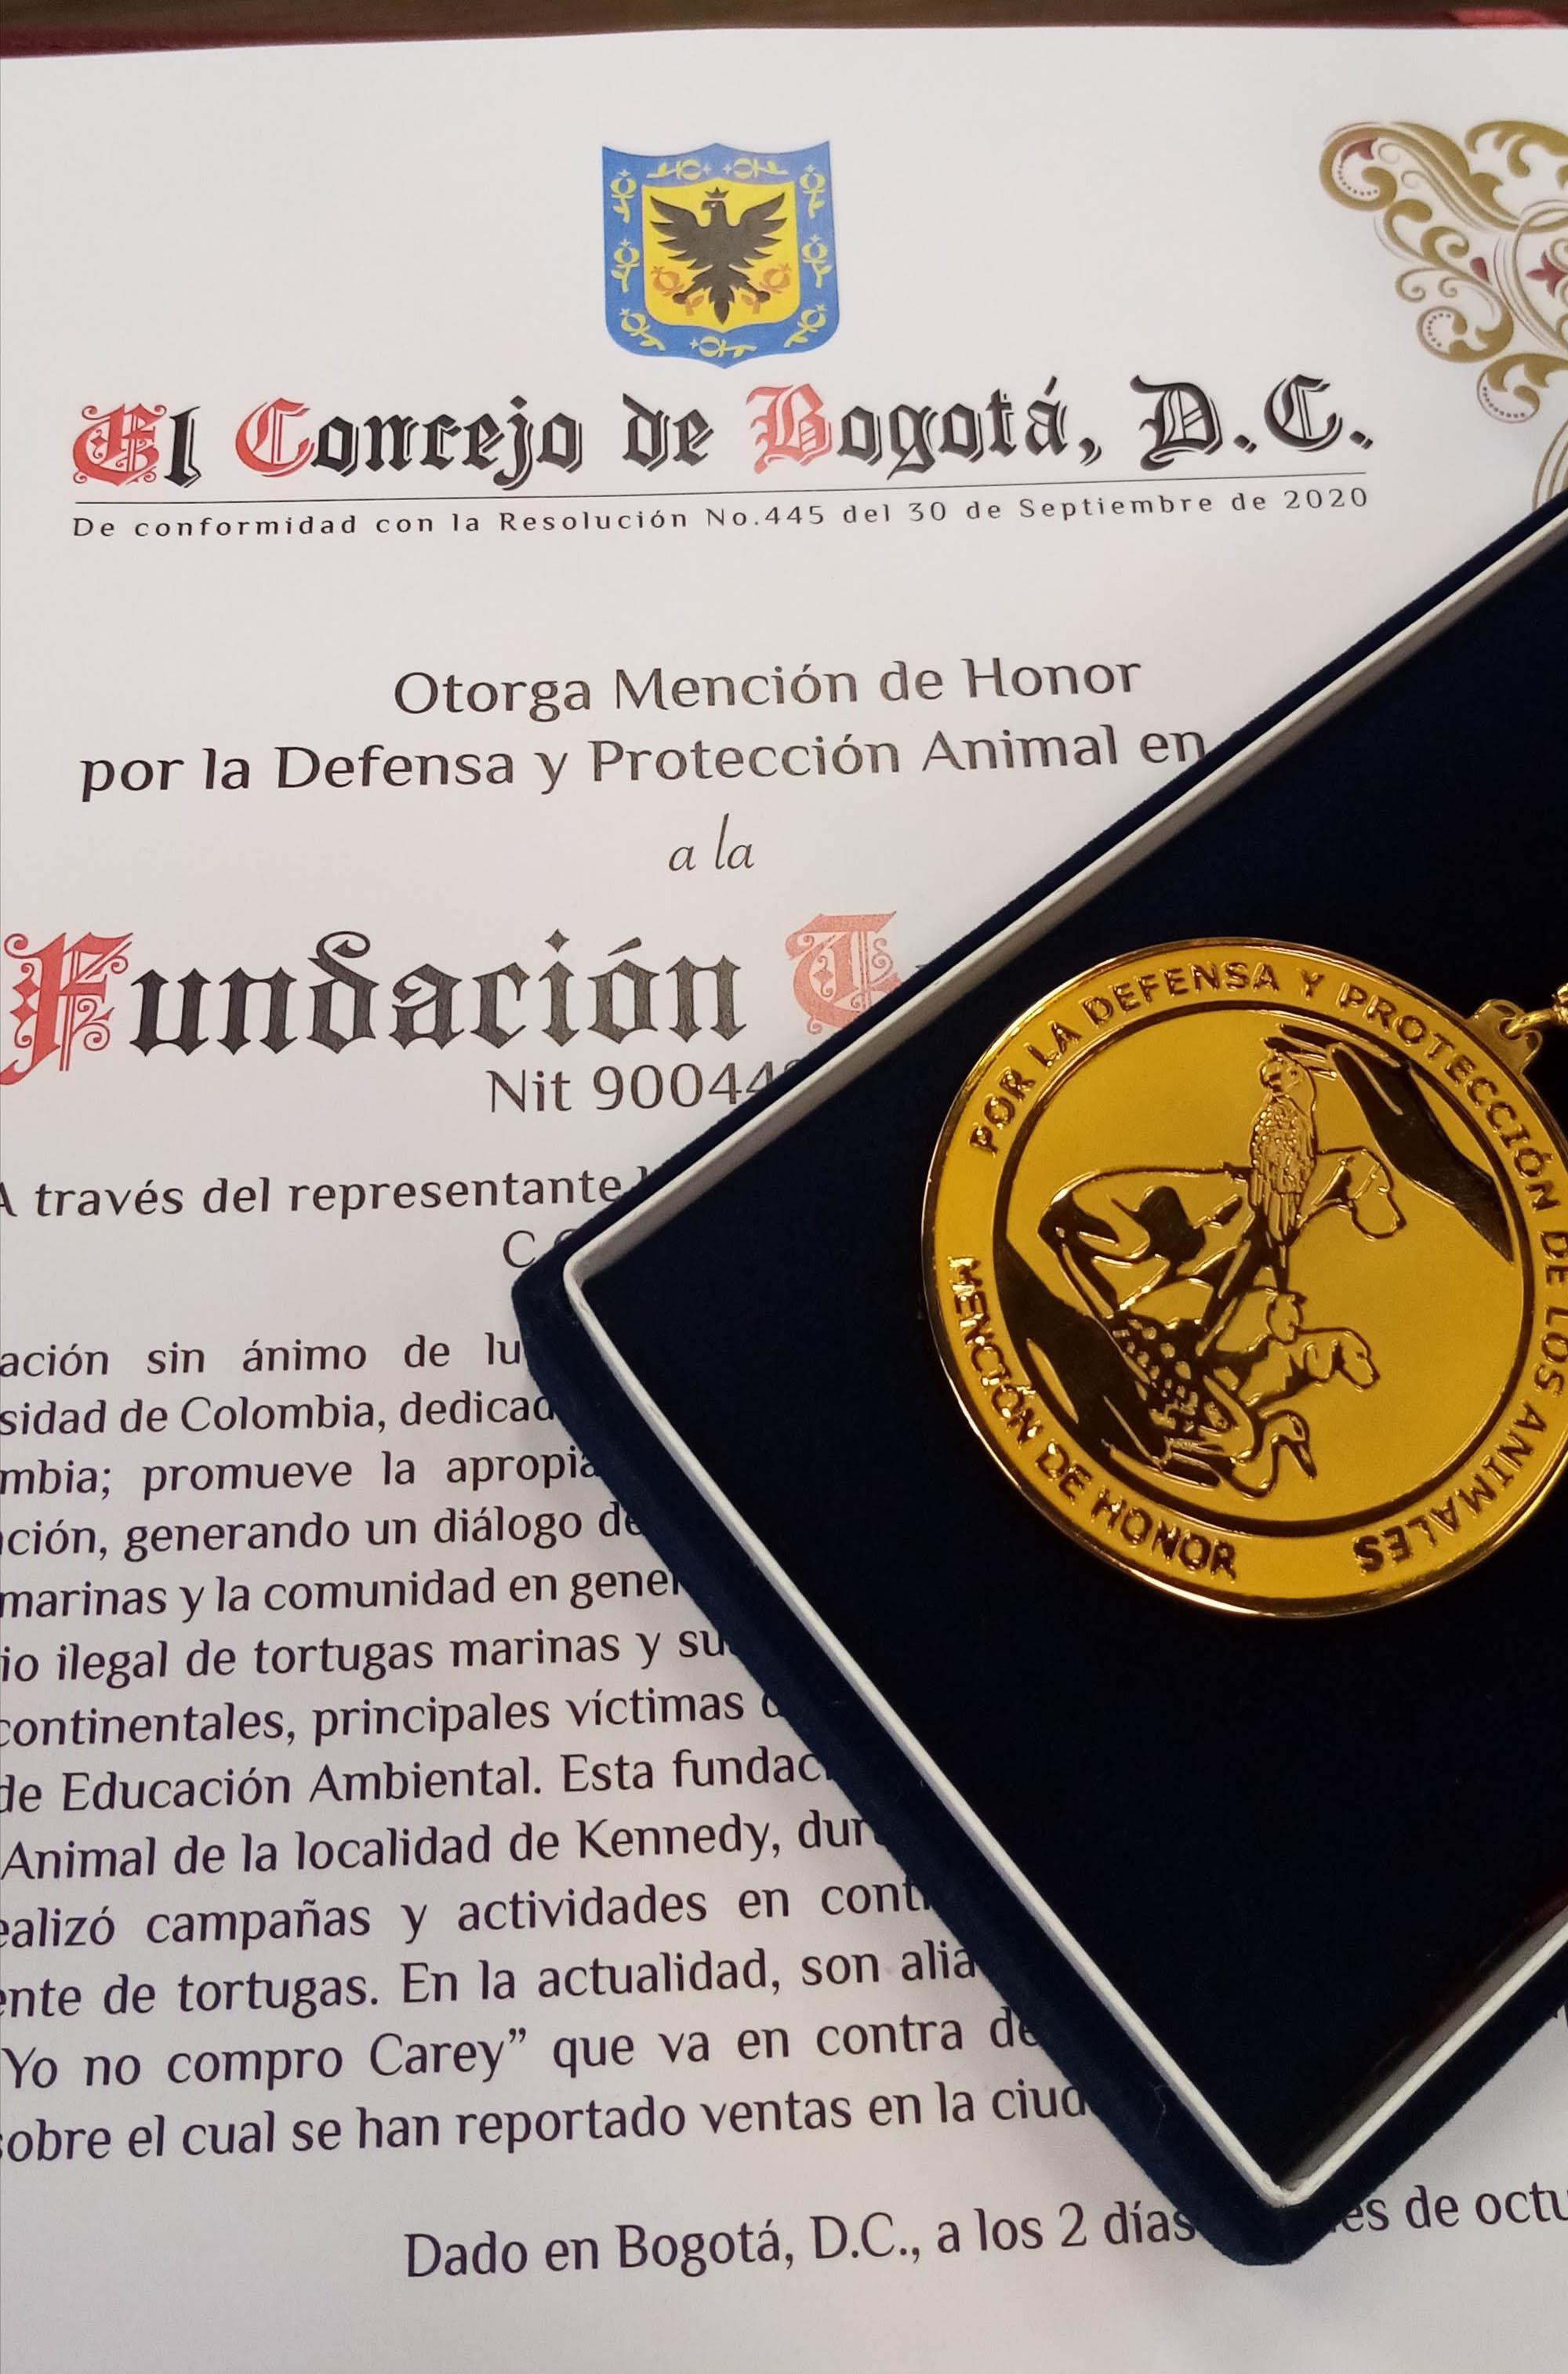 Foto de la mención de honor y medalla otortgada por el concejo de Bogotá. La medalla es dorada con un diseño en el centro de varios animales en medio de dos manos, una arriba y otra abajo. La cinta de la medalla es amarilla y roja, como los colores de la bandera de Bogotá.